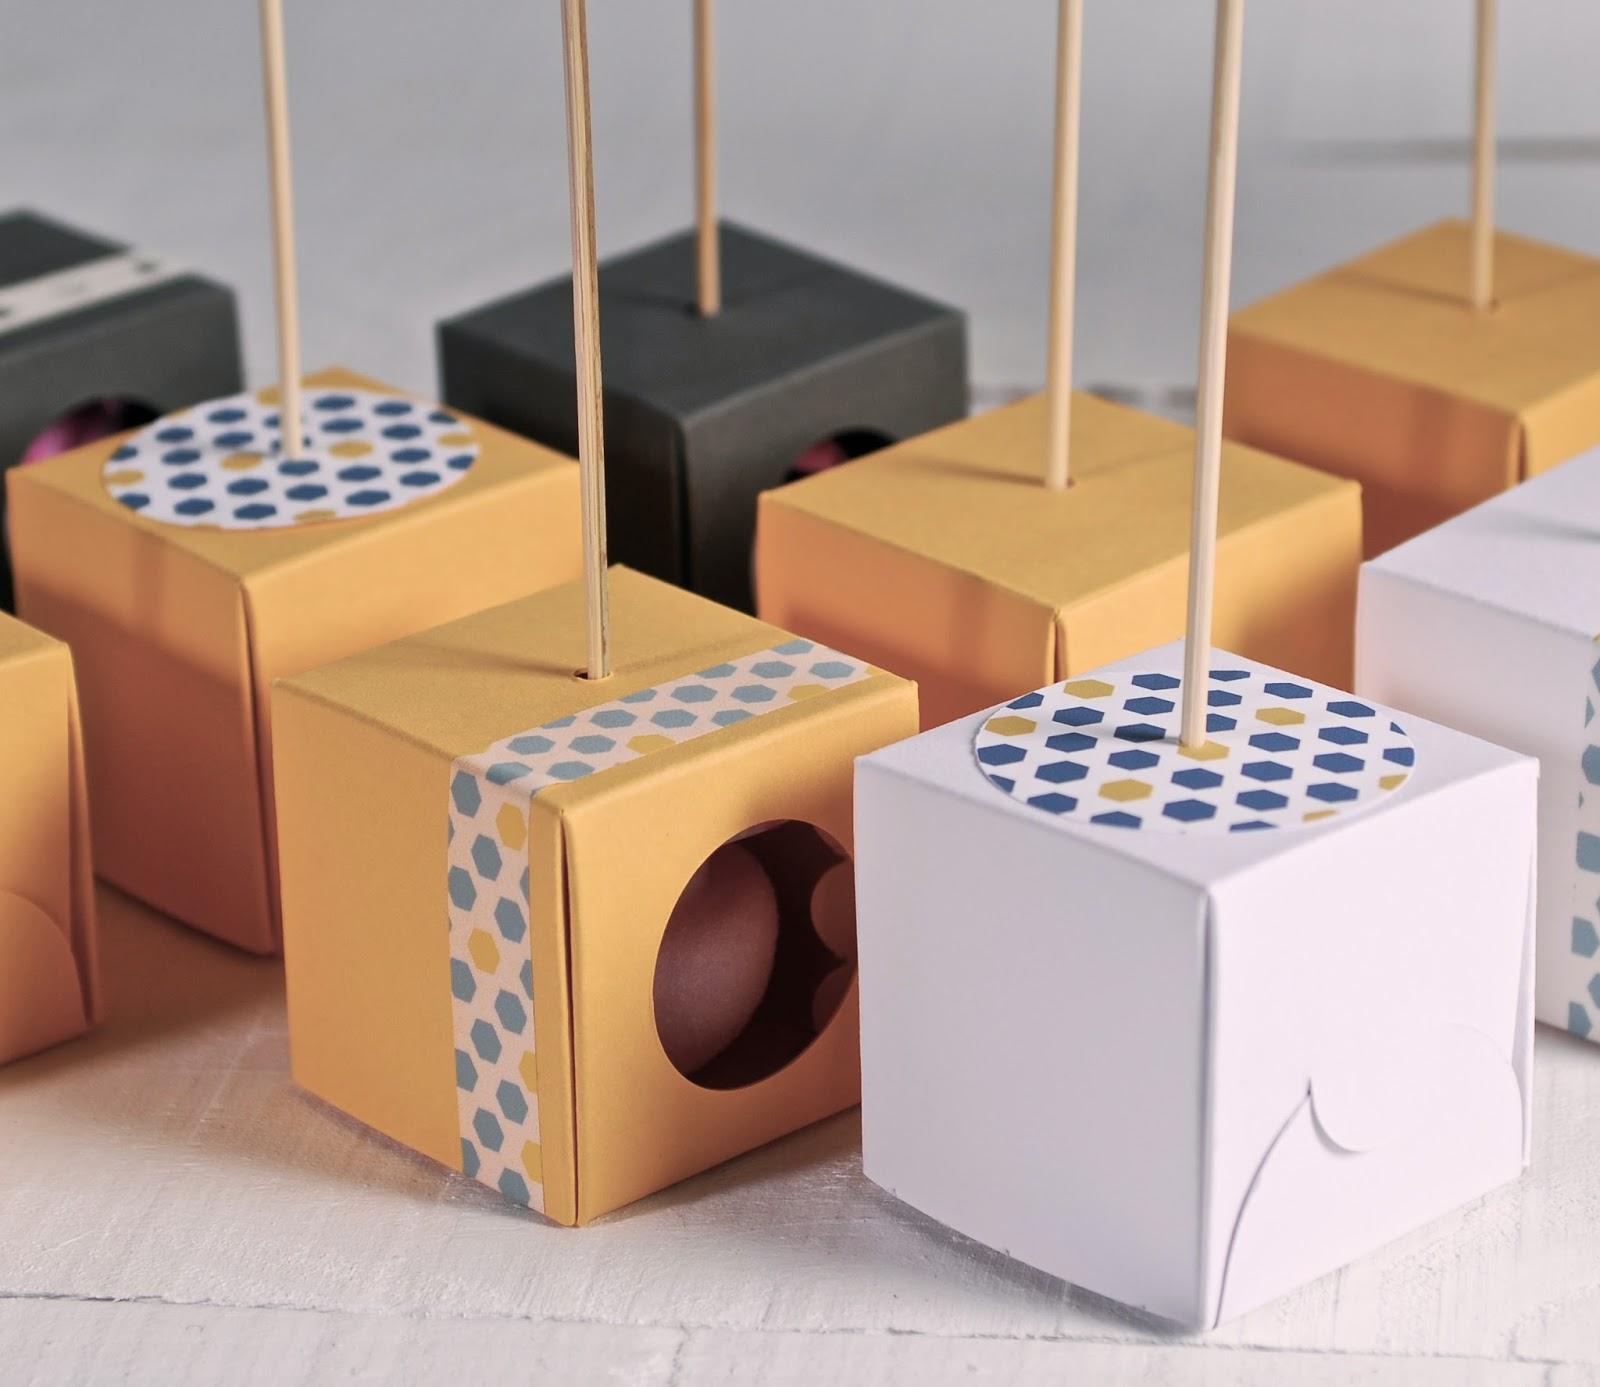 cajas para un cake pop, cajas para 1 cake pop, cajas para cake pops individuales, cajas cake pops individuales, cajas baratas para cake pops